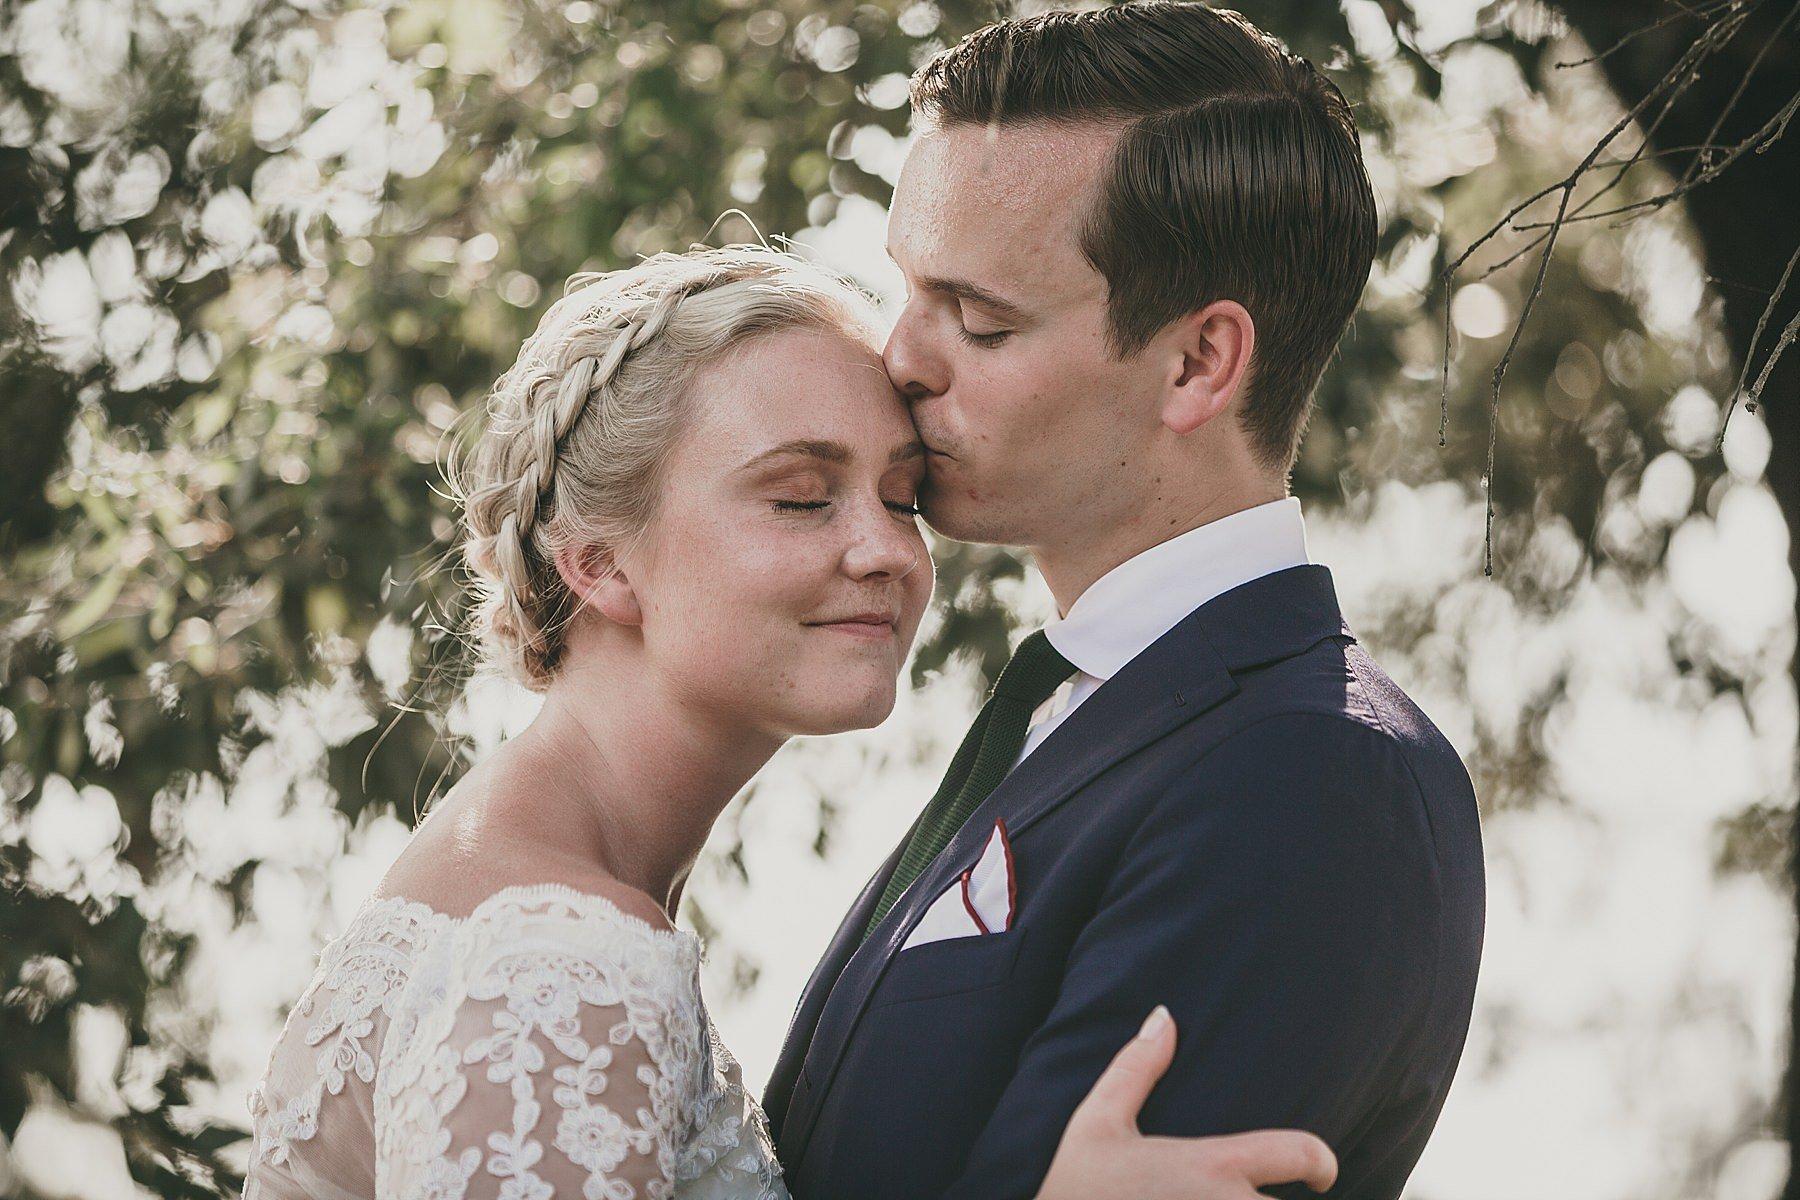 Dolce coppia di sposi fotografata nel giorno del suo matrimonio